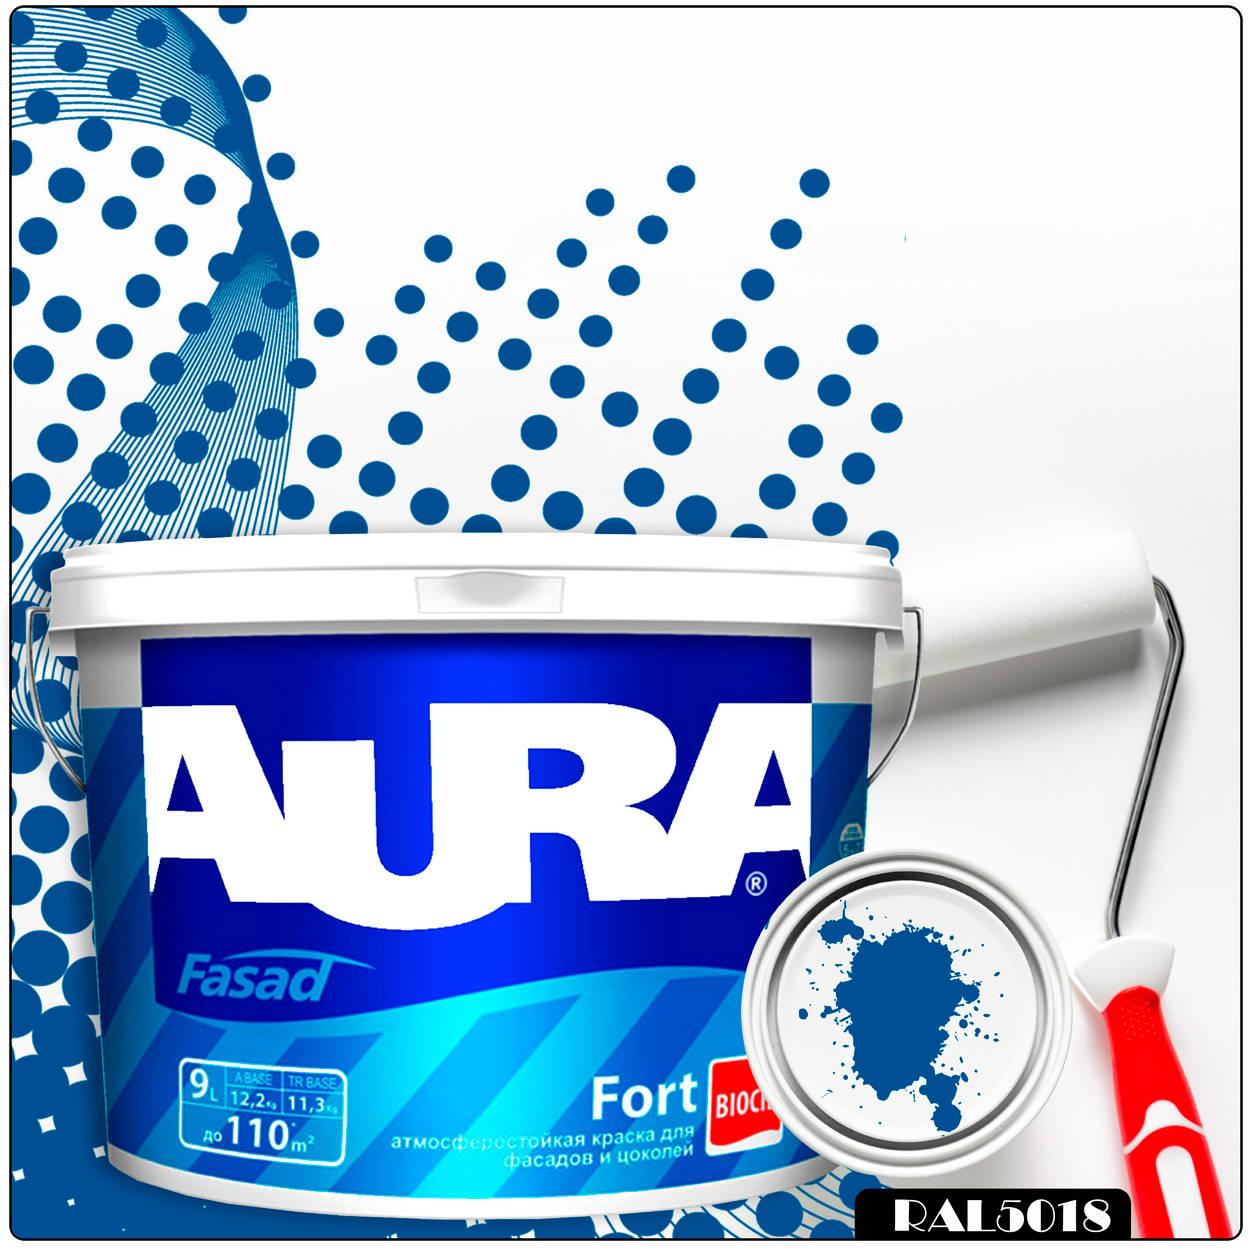 Фото 17 - Краска Aura Fasad Fort, RAL 5018 Бирюзово-синий, латексная, матовая, для фасада и цоколей, 9л, Аура.